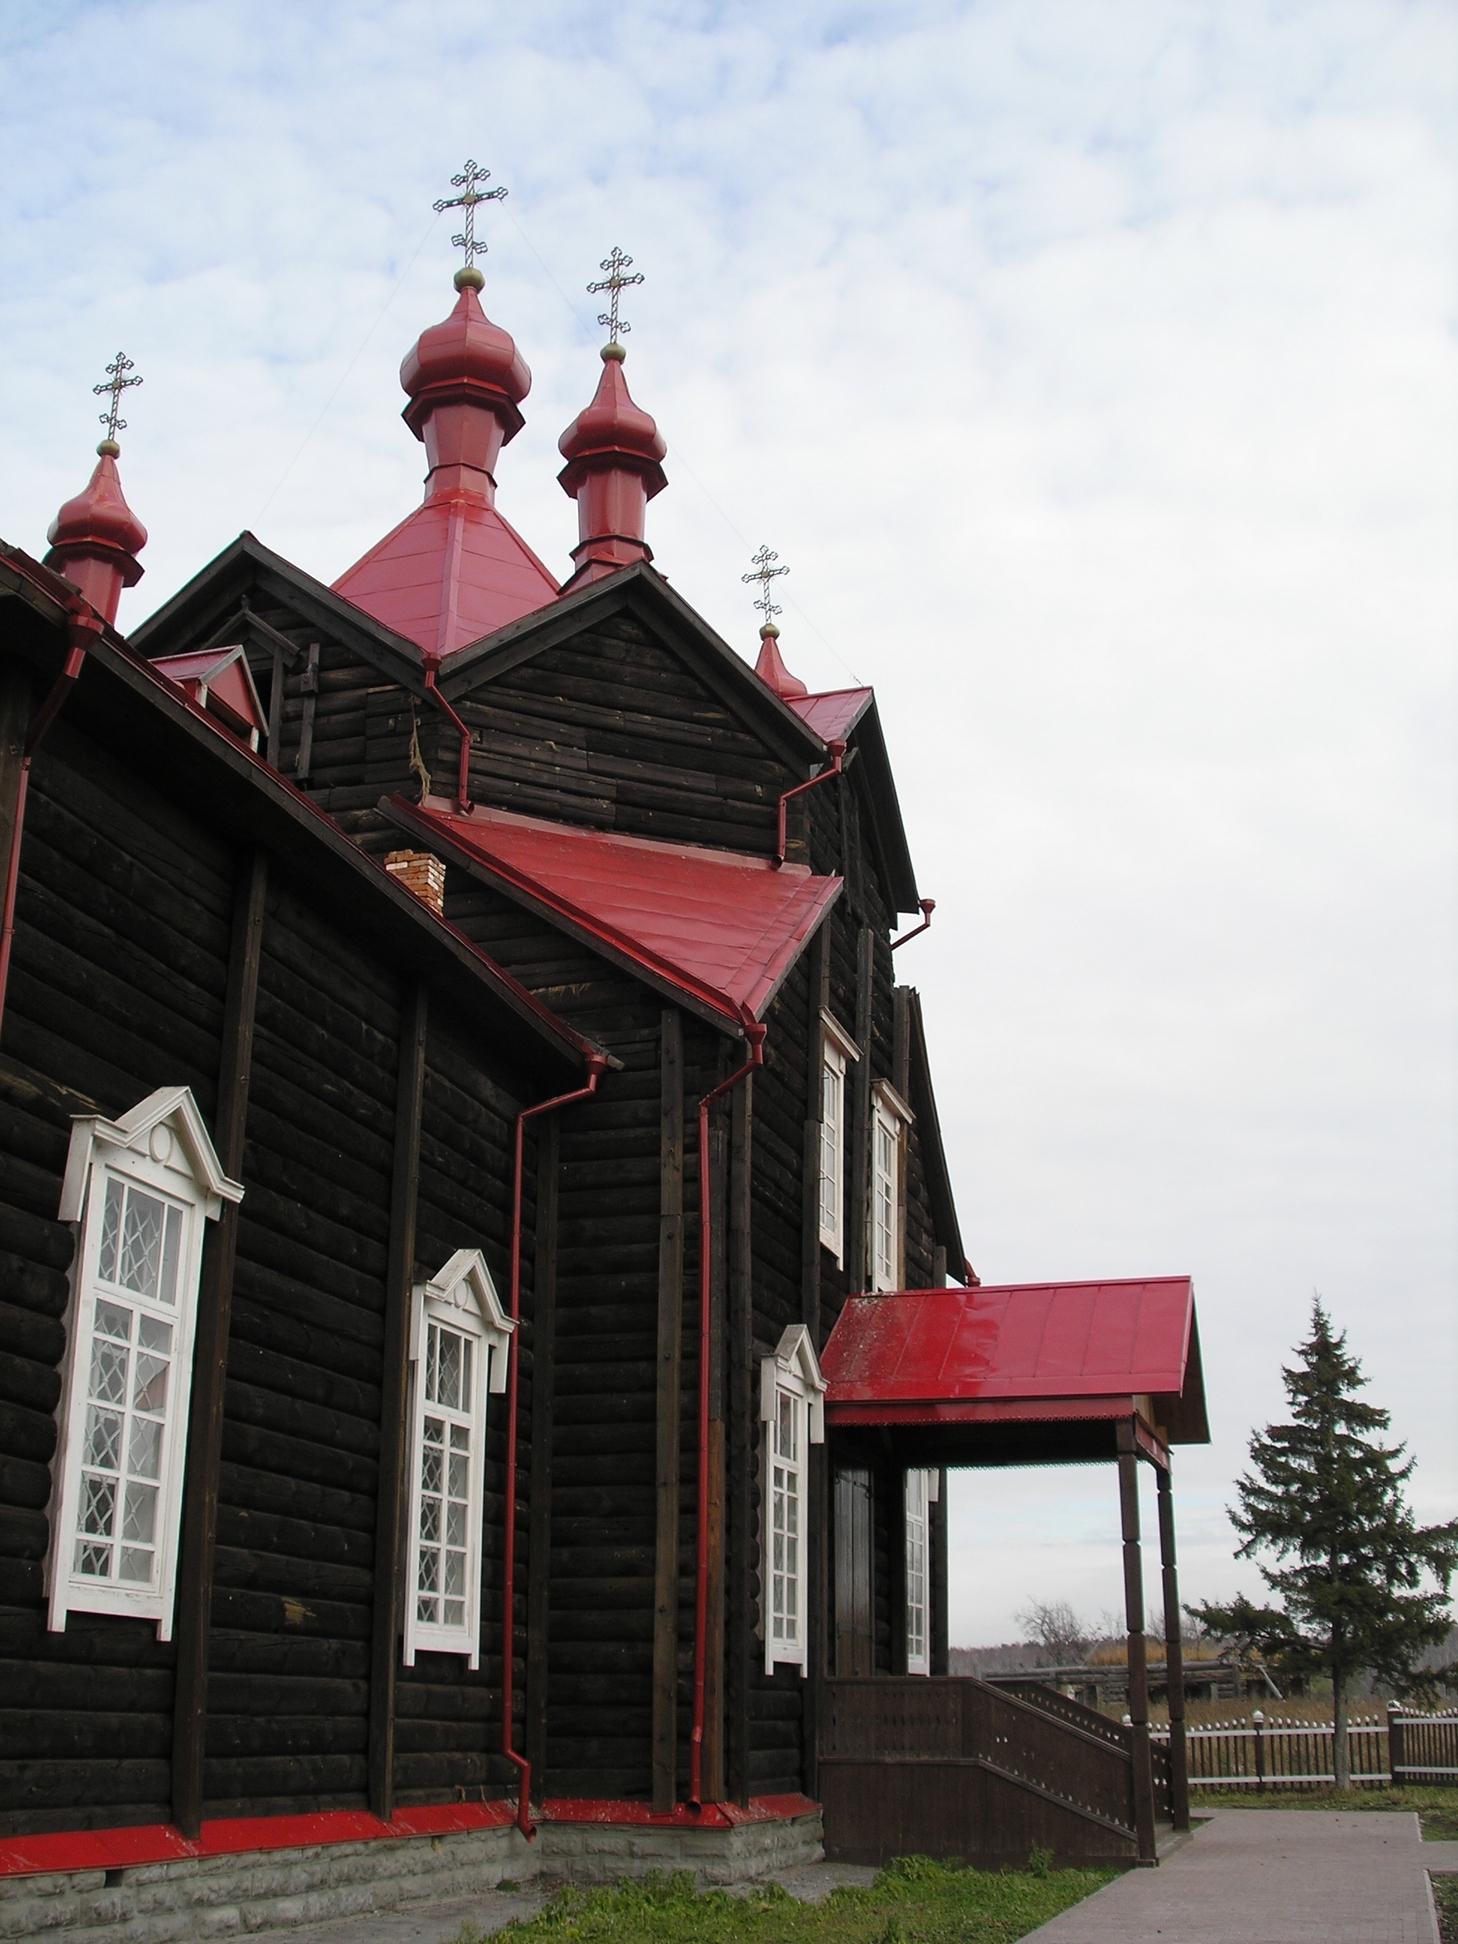 http://rodinoved.ru/wp-content/uploads/2015/04/Cerkov_Svyatogo_Serafima.jpg